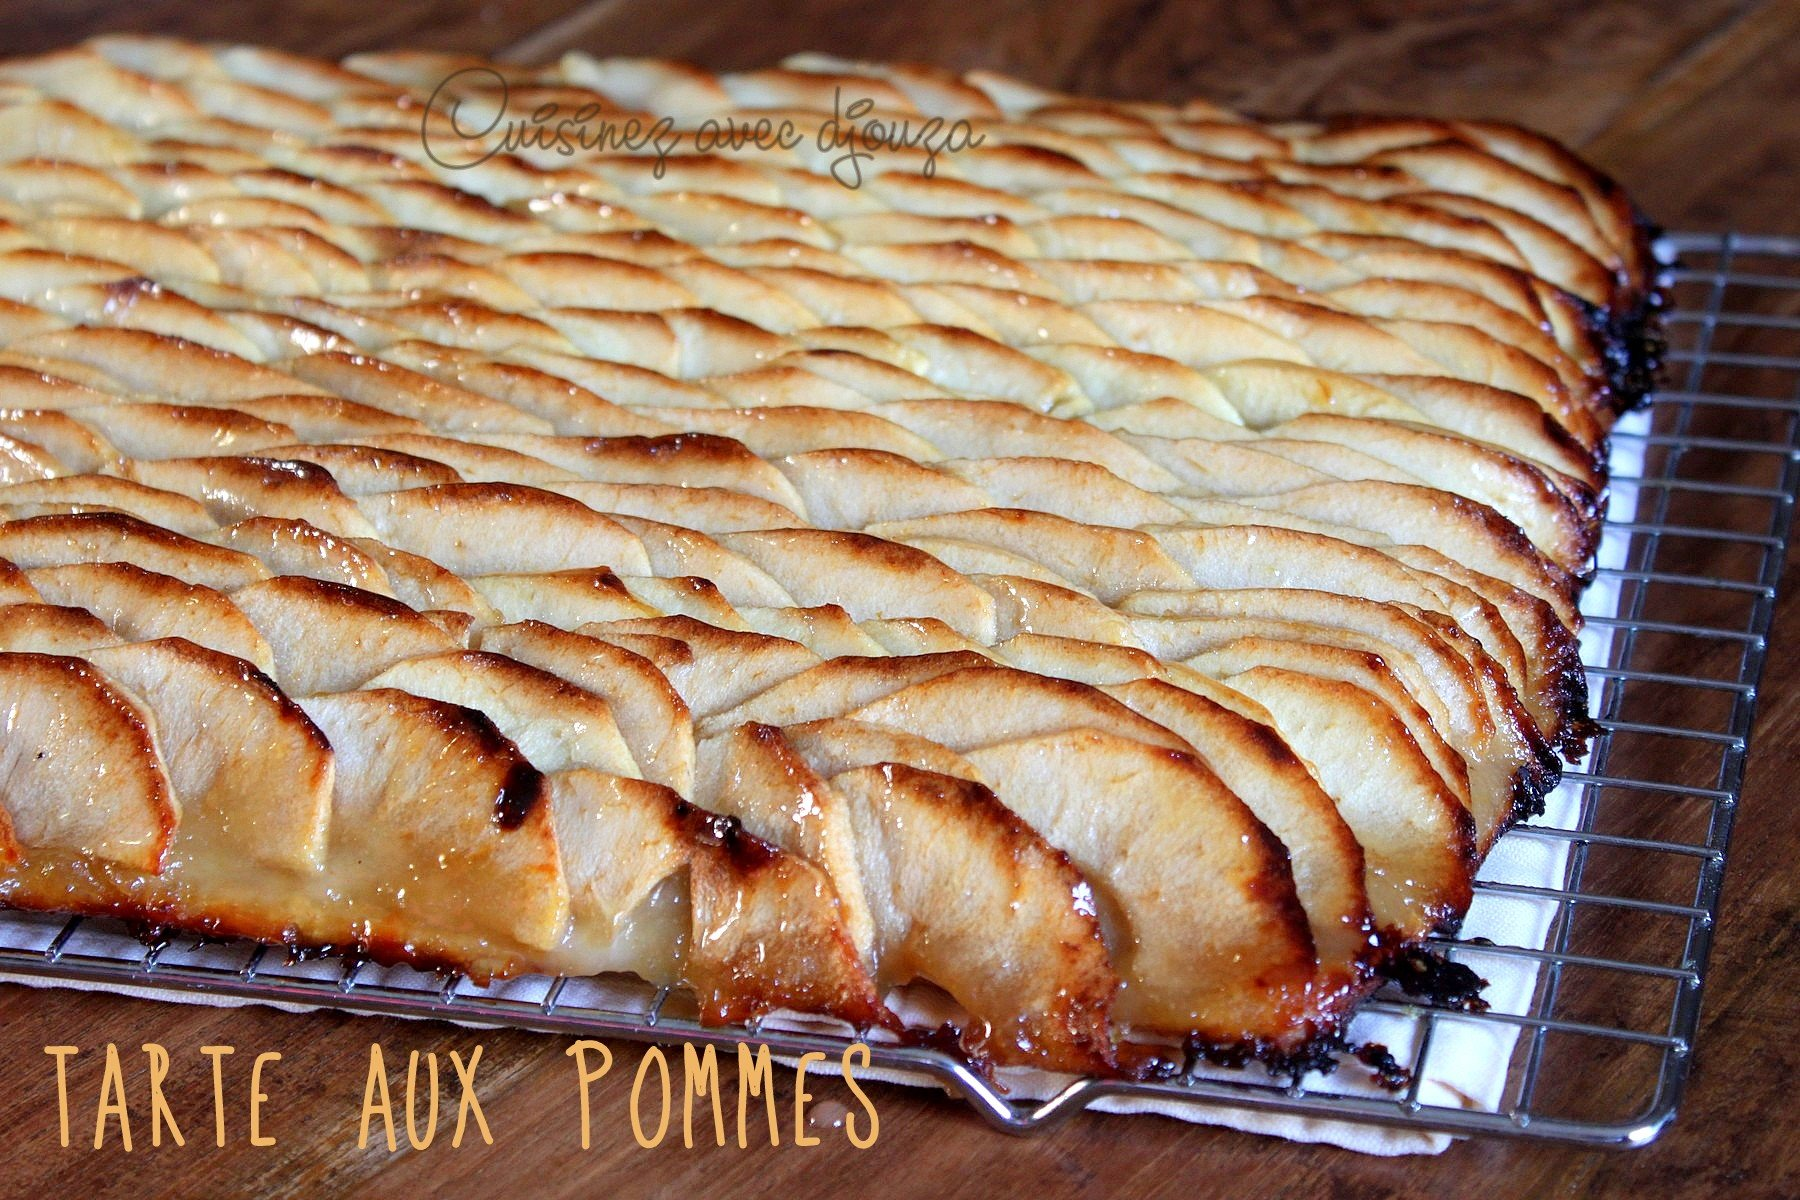 Tarte aux pommes avec pâte feuilletée prête